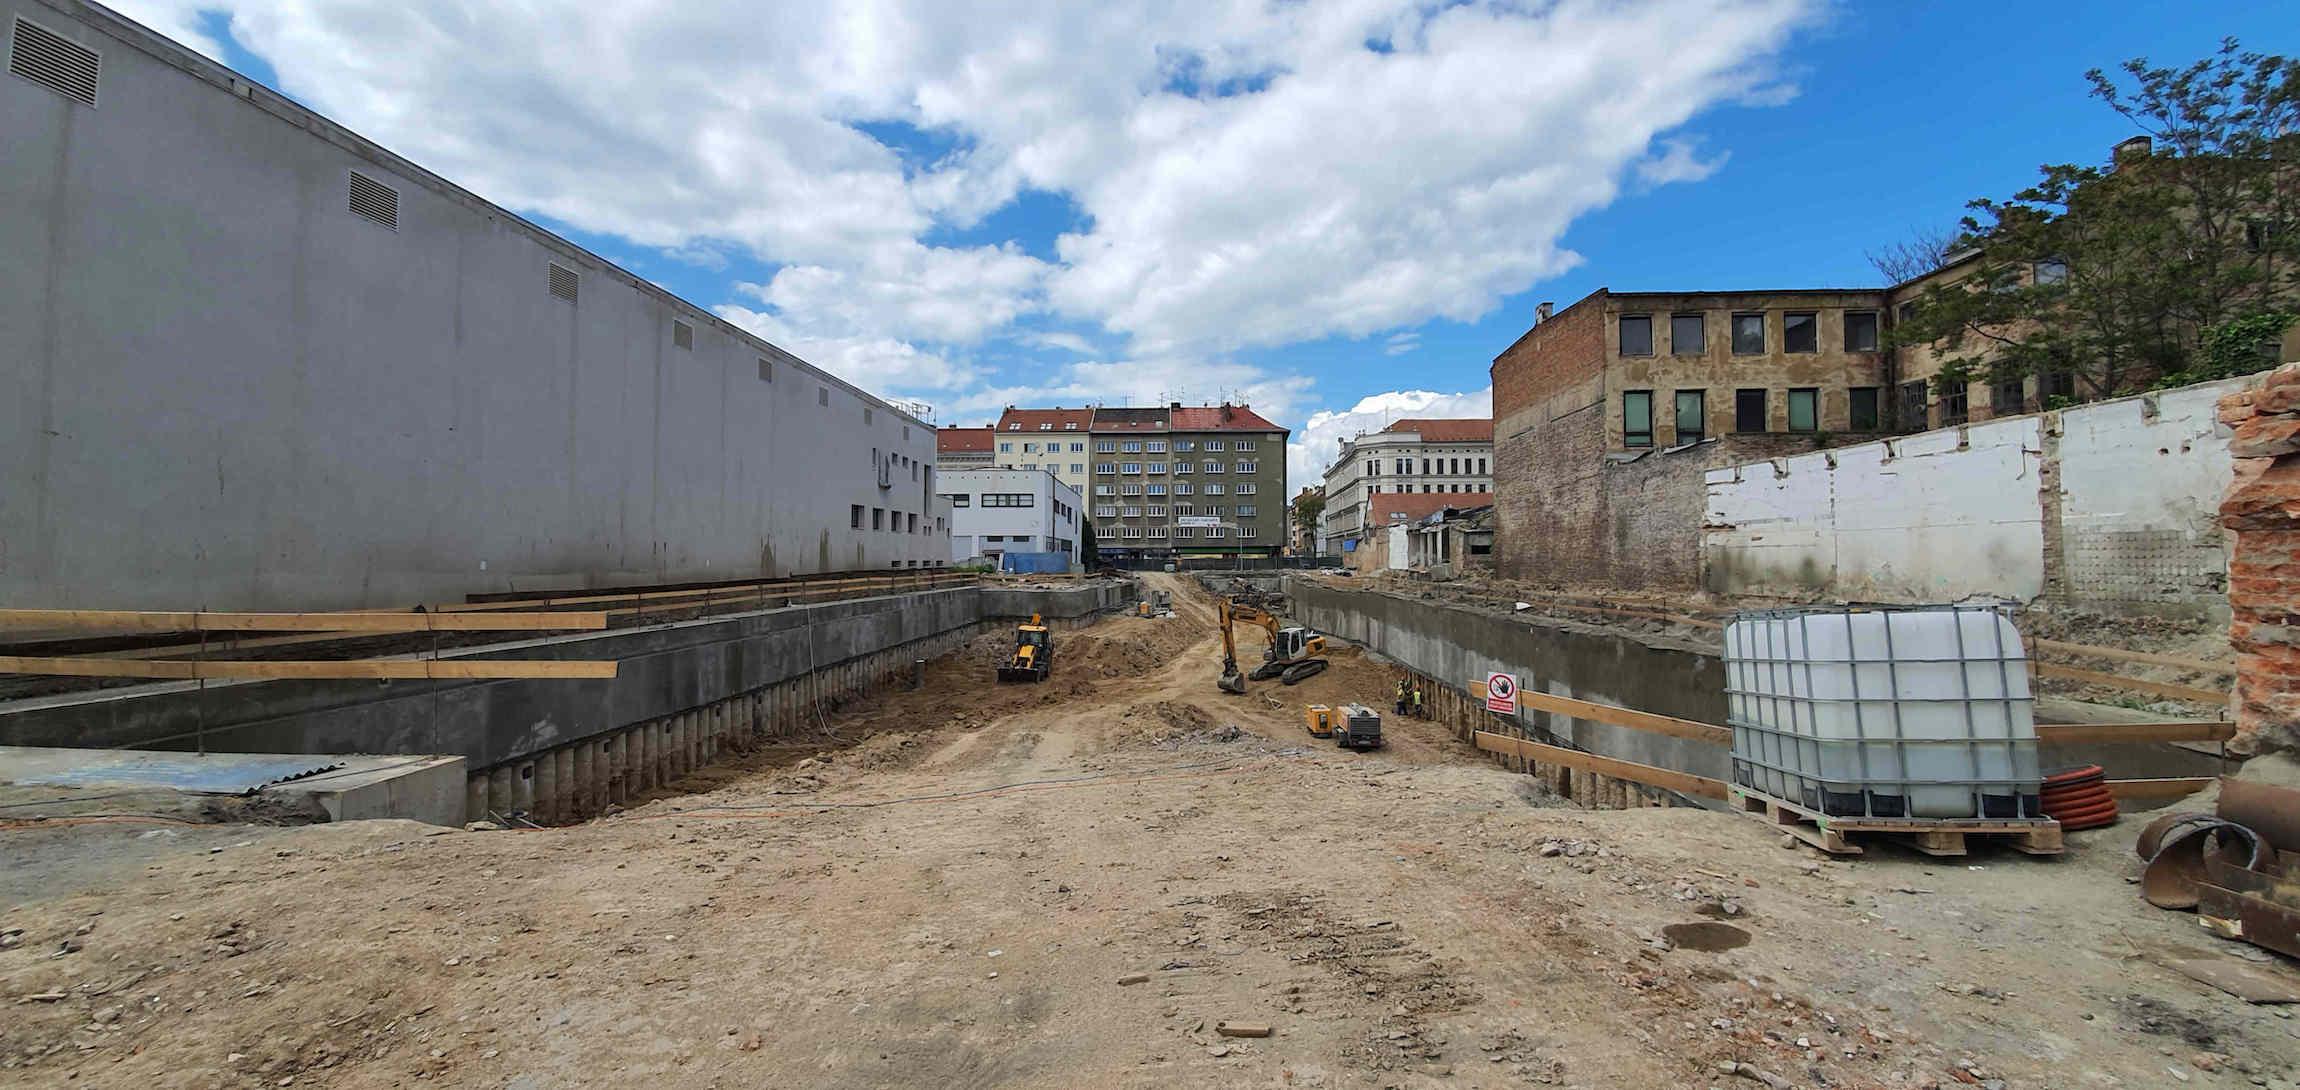 Výstavba mezi ulicemi Cejl a Francouzská v Brně, květen 2021